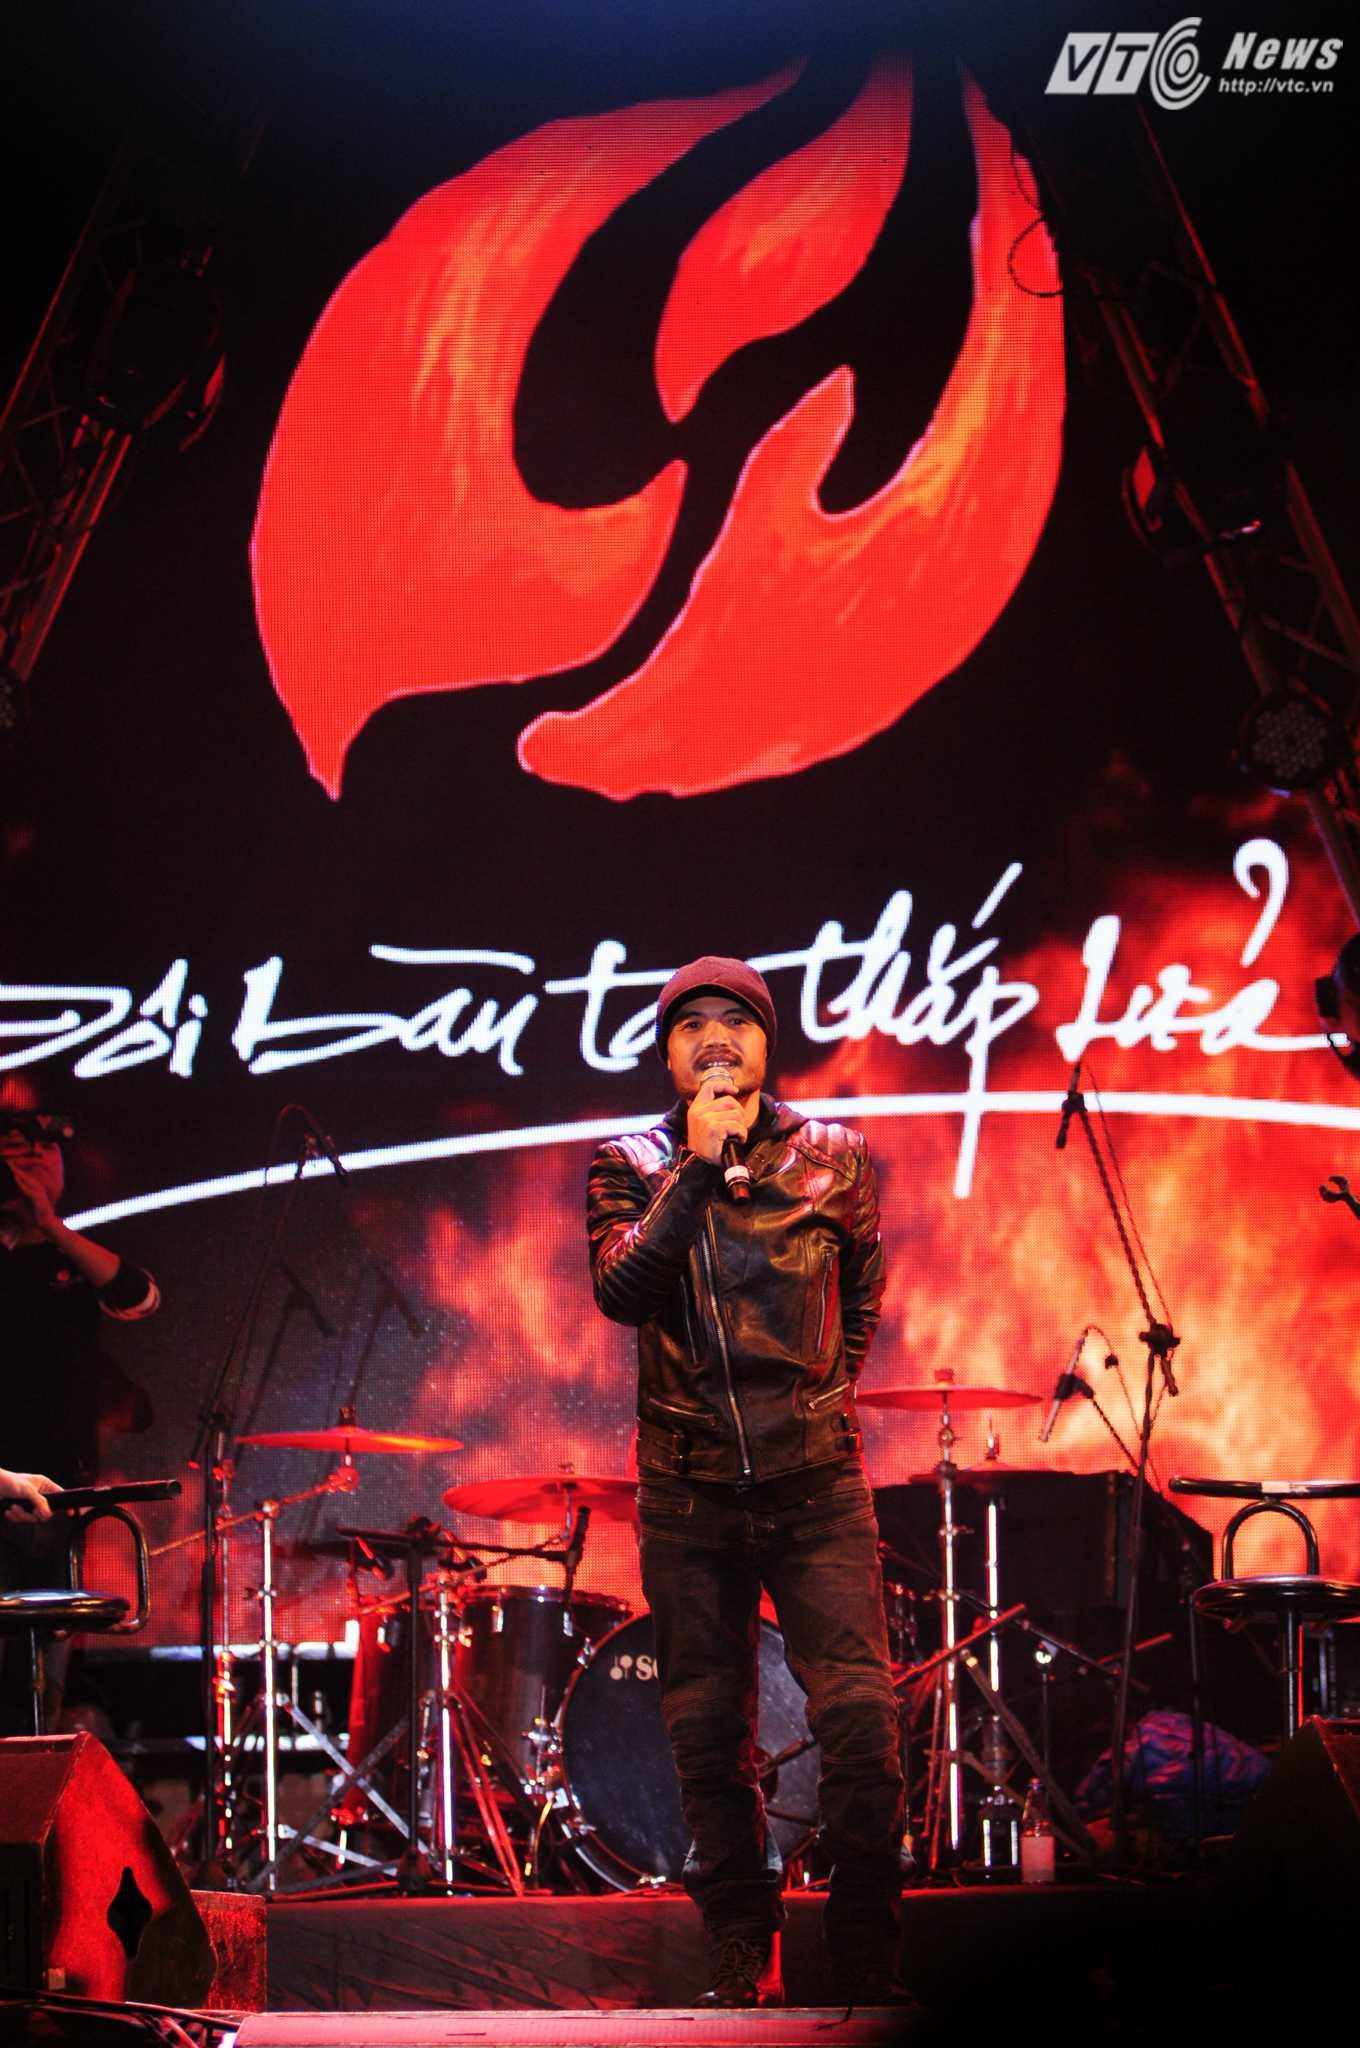 Xuất hiện trên sân khấu, Trần Lập tiếp thêm ngọn lửa cho các khán giả phía dưới - Ảnh: Tùng Đinh